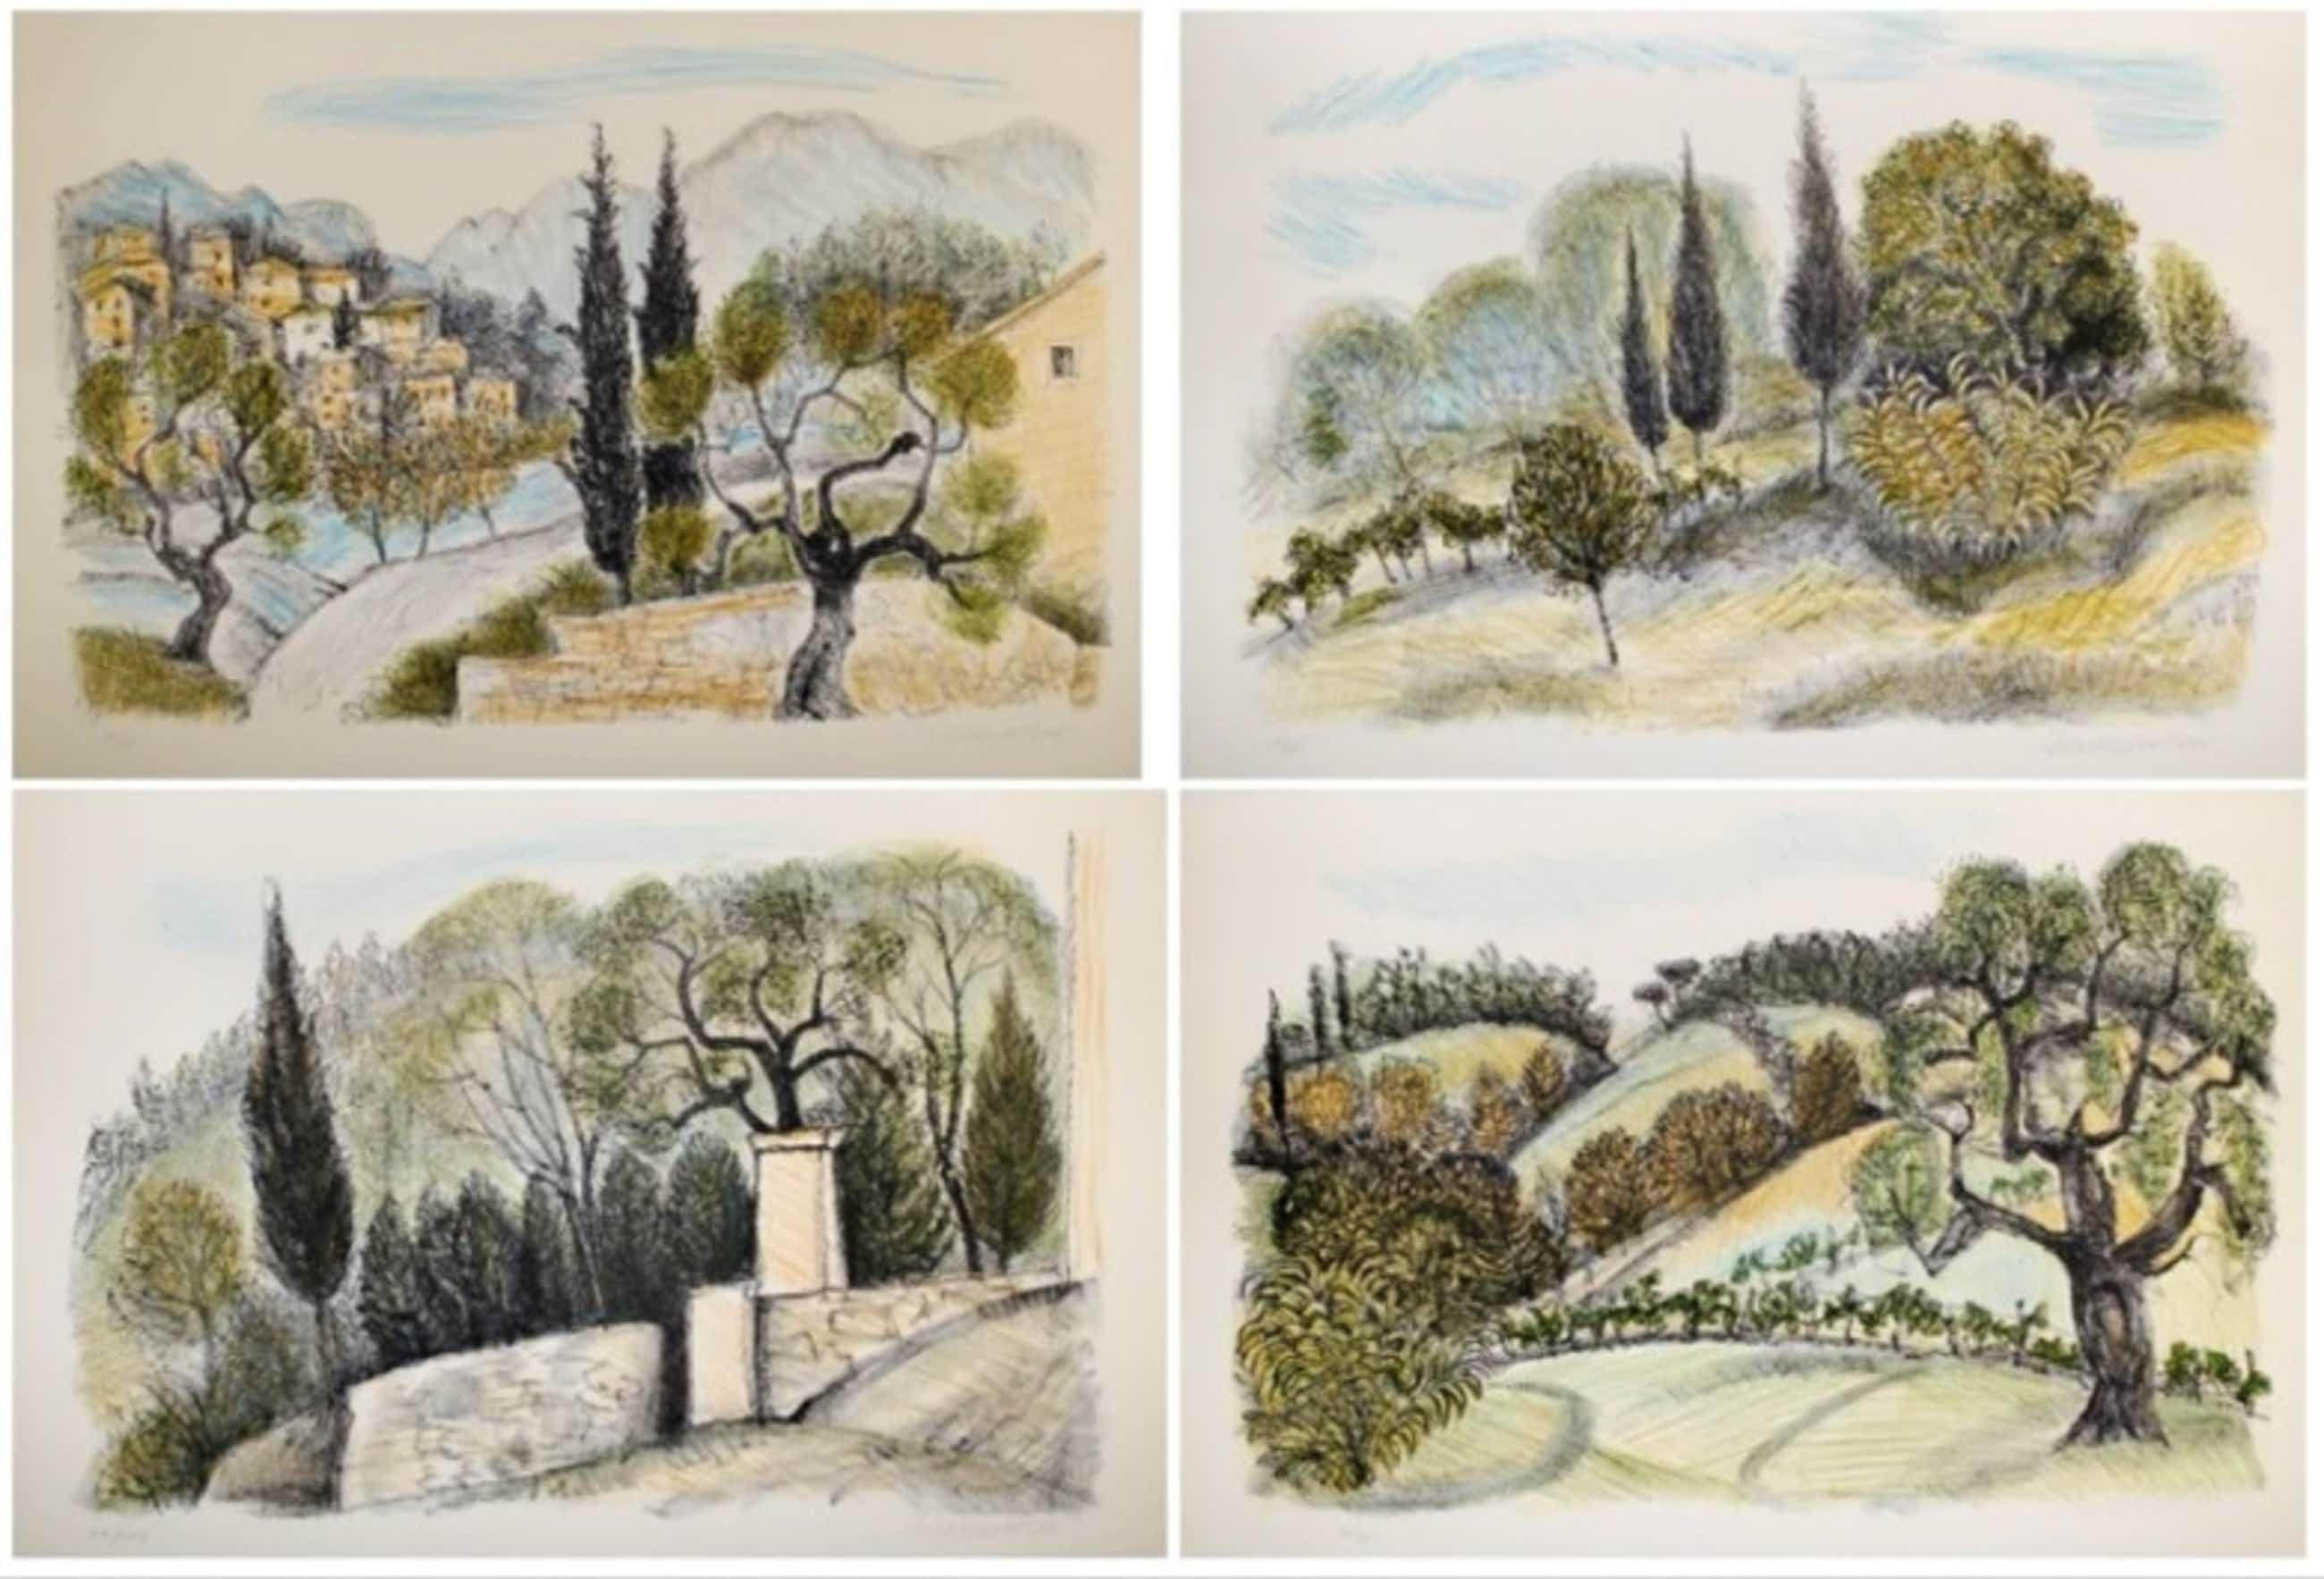 Chris de Moor - Vier handgesigneerde lithografieën: Landschappen I, II, III, IV kopen? Bied vanaf 60!